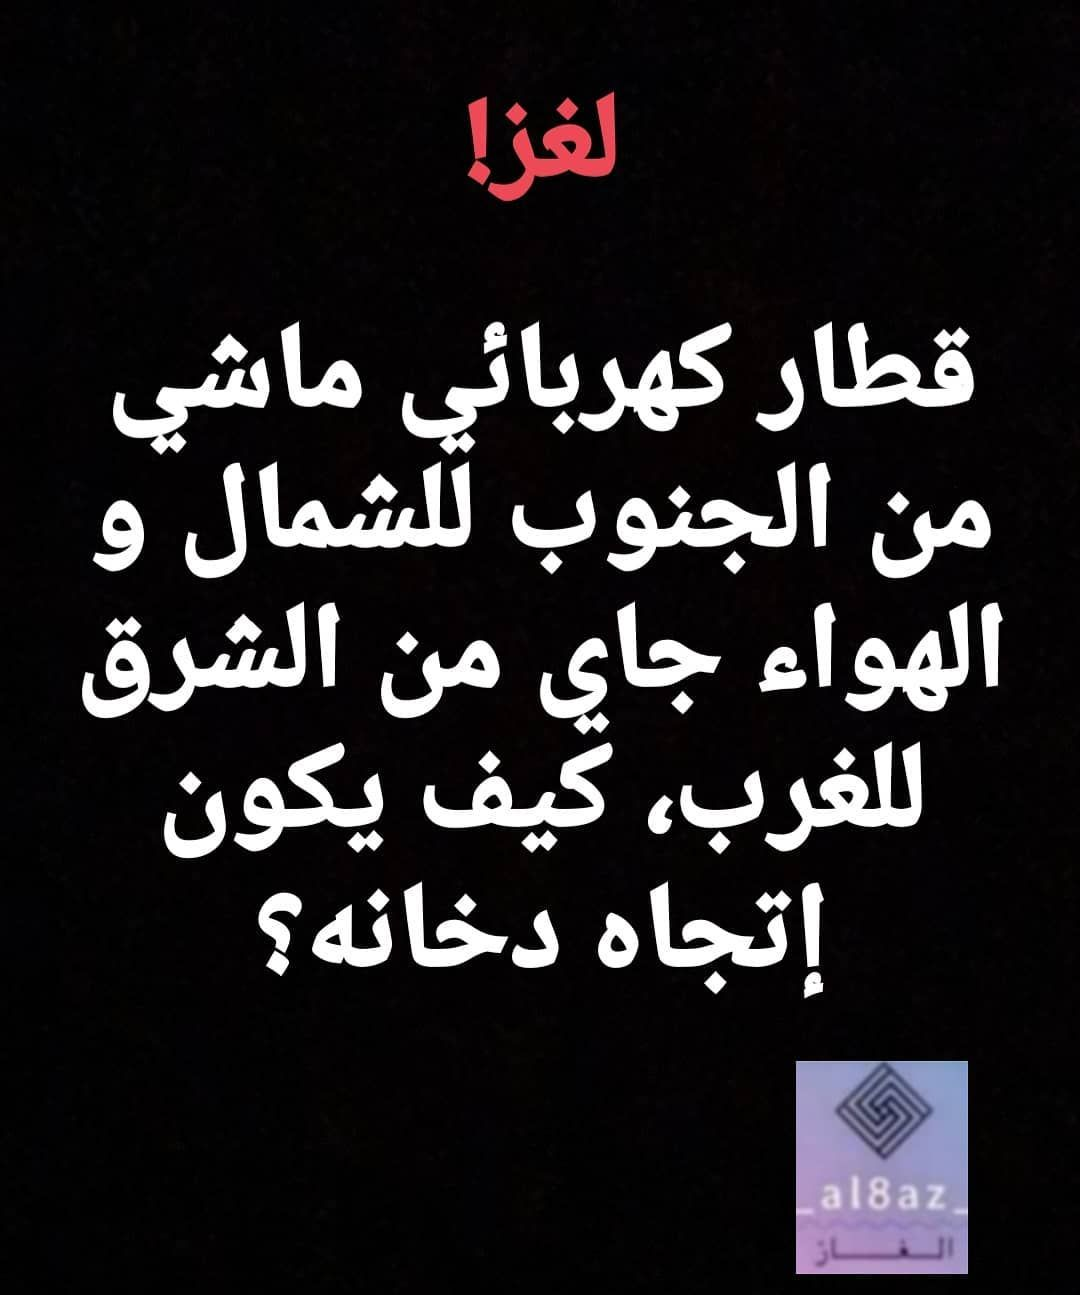 Pin By منوعات مفيدة On ألغاز Fun Jokes Arabic Calligraphy